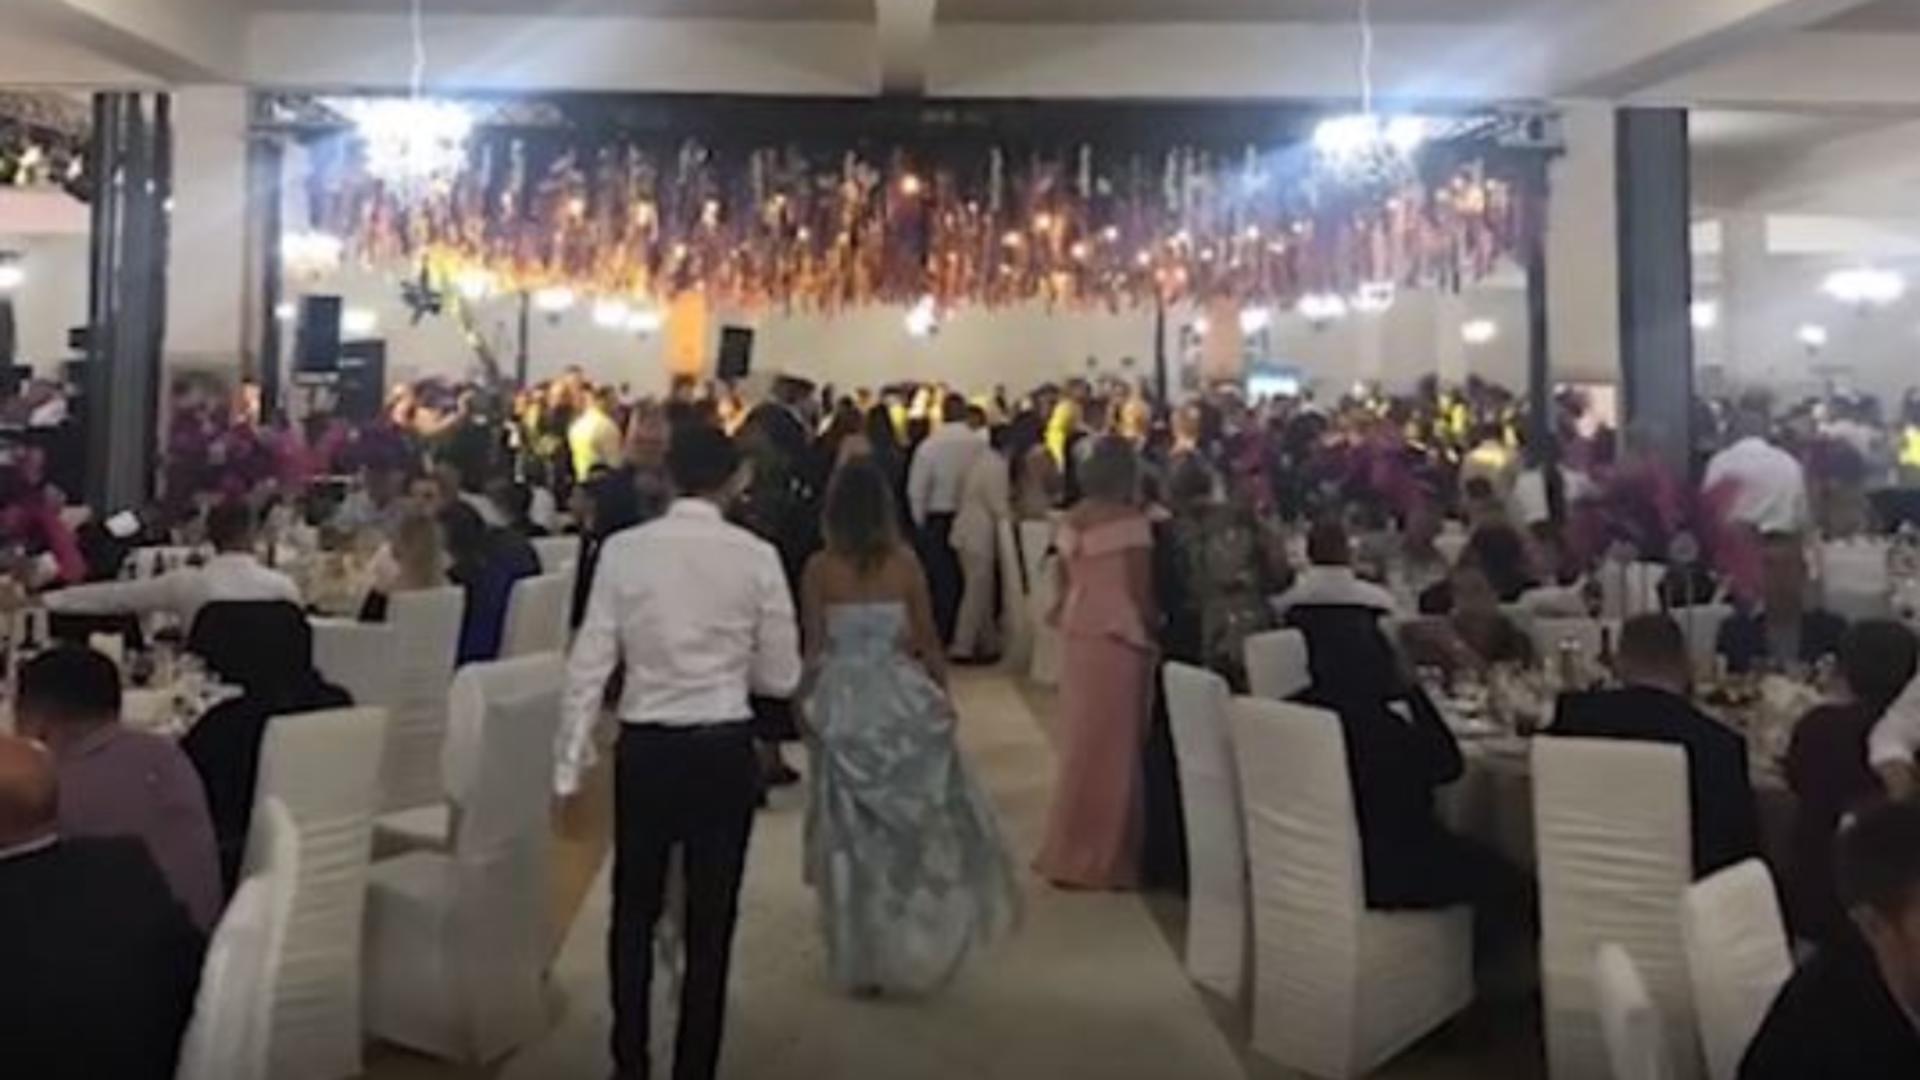 Nuntă cu peste 1700 de invitați